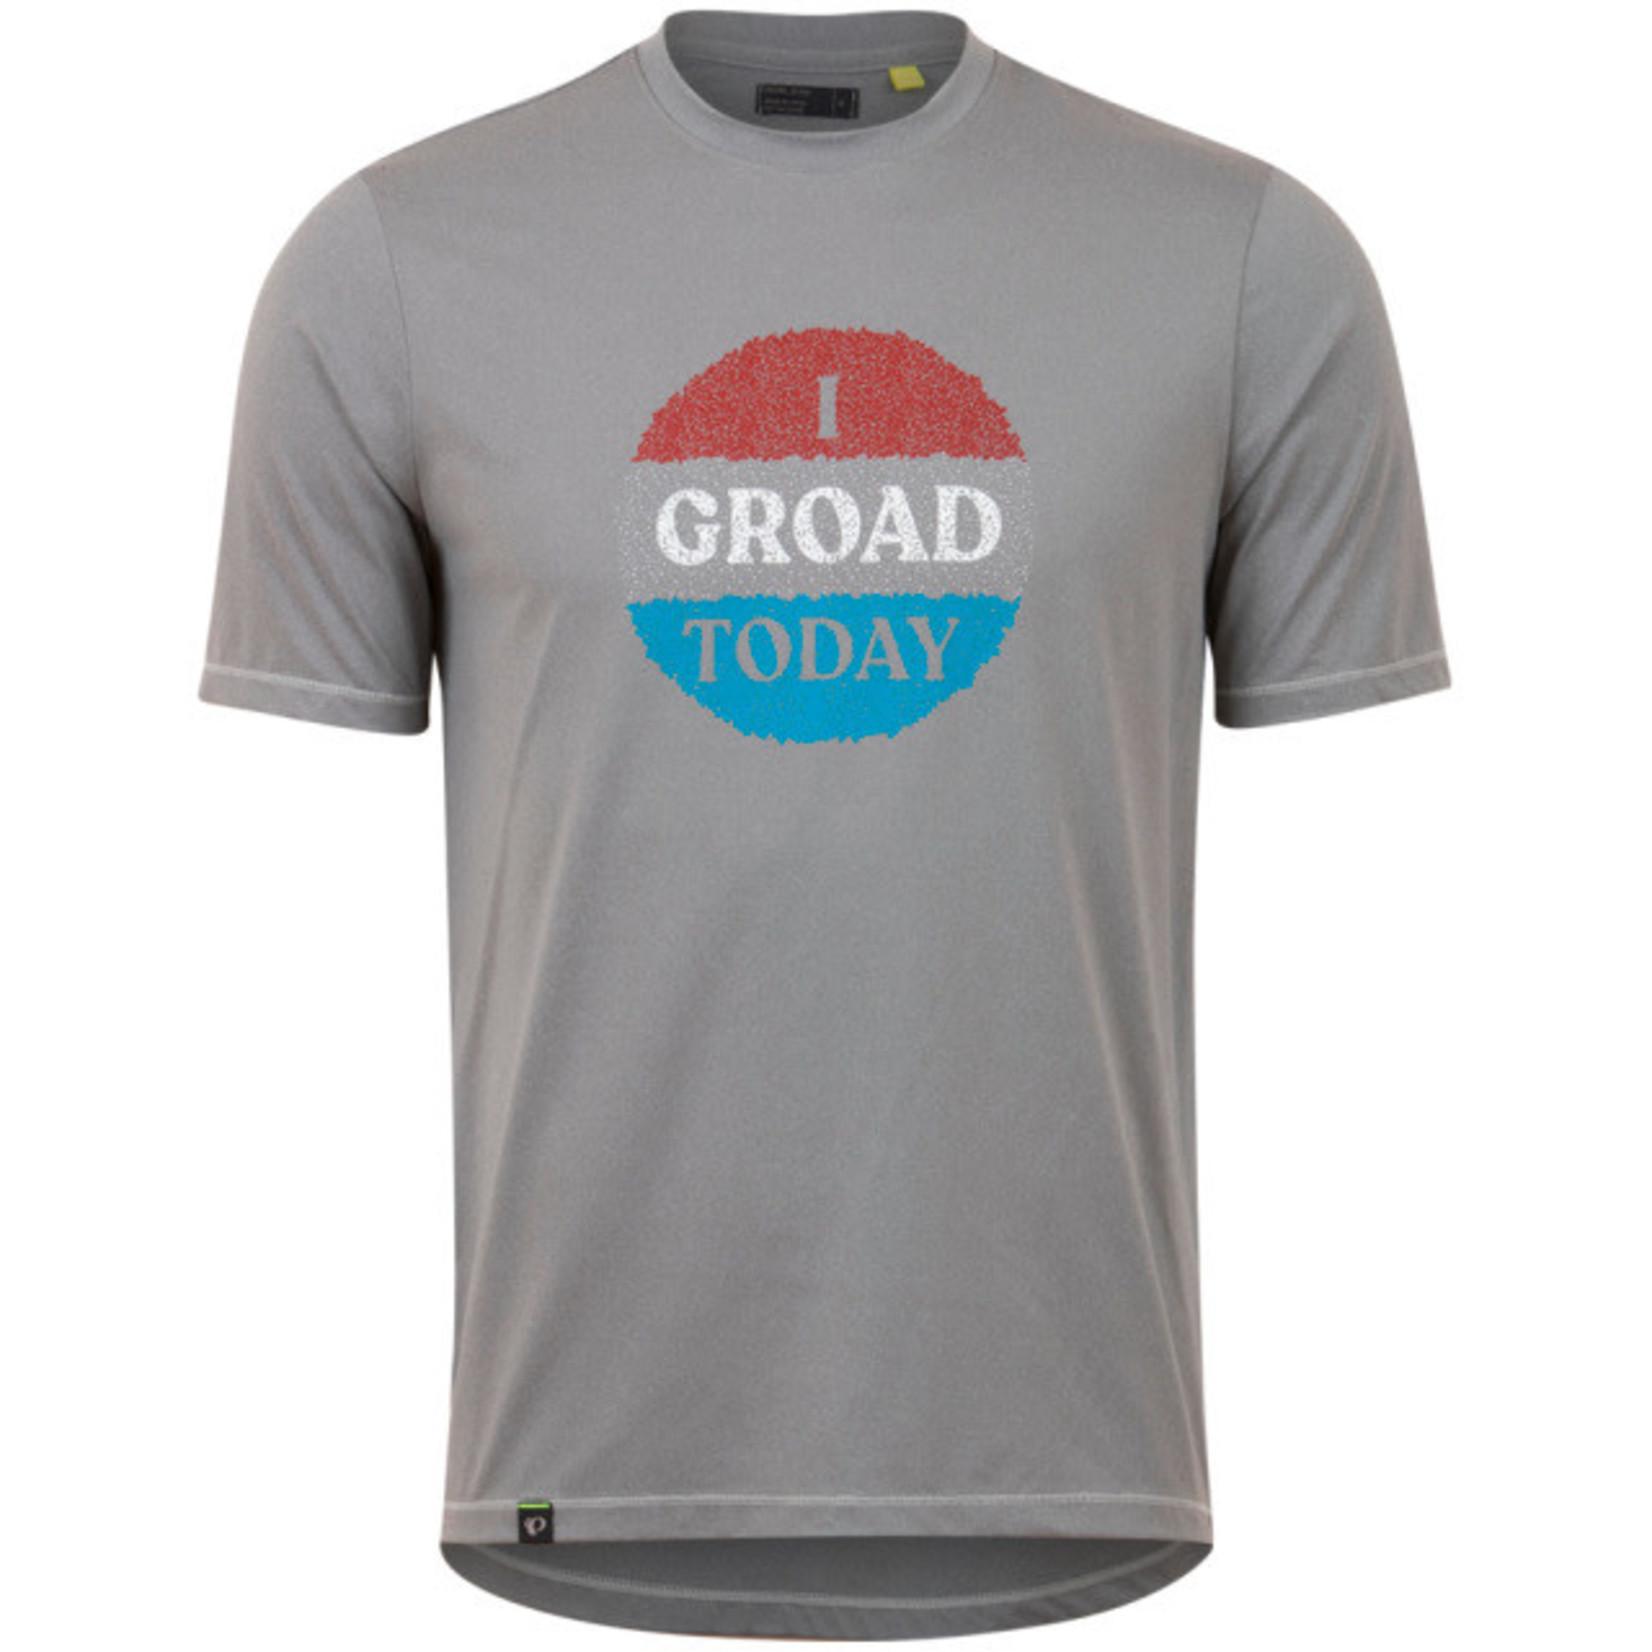 Pearl iZUMi Pearl iZUMi T-Shirt Midland TEE frost grey red groad